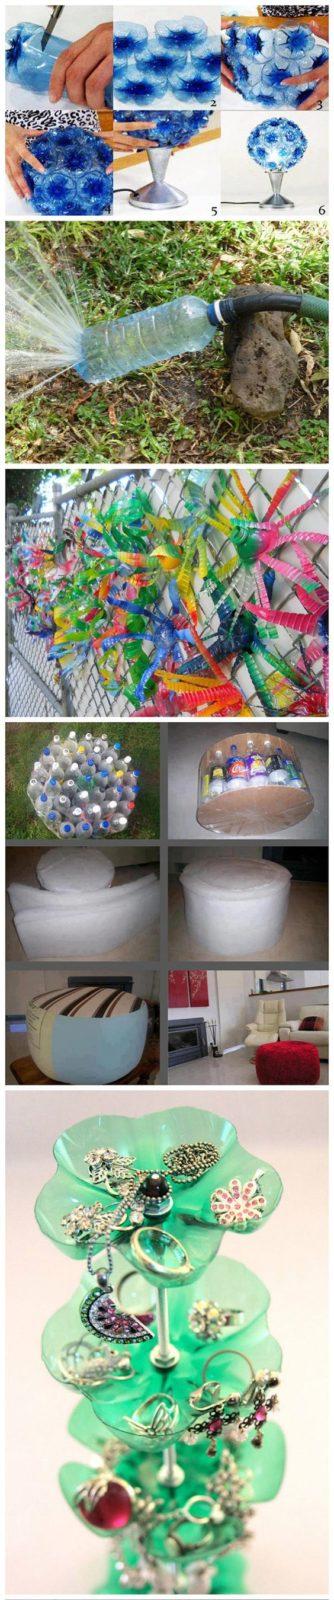 Самоделки для дачи и огорода своими руками: пластиковые бутылки